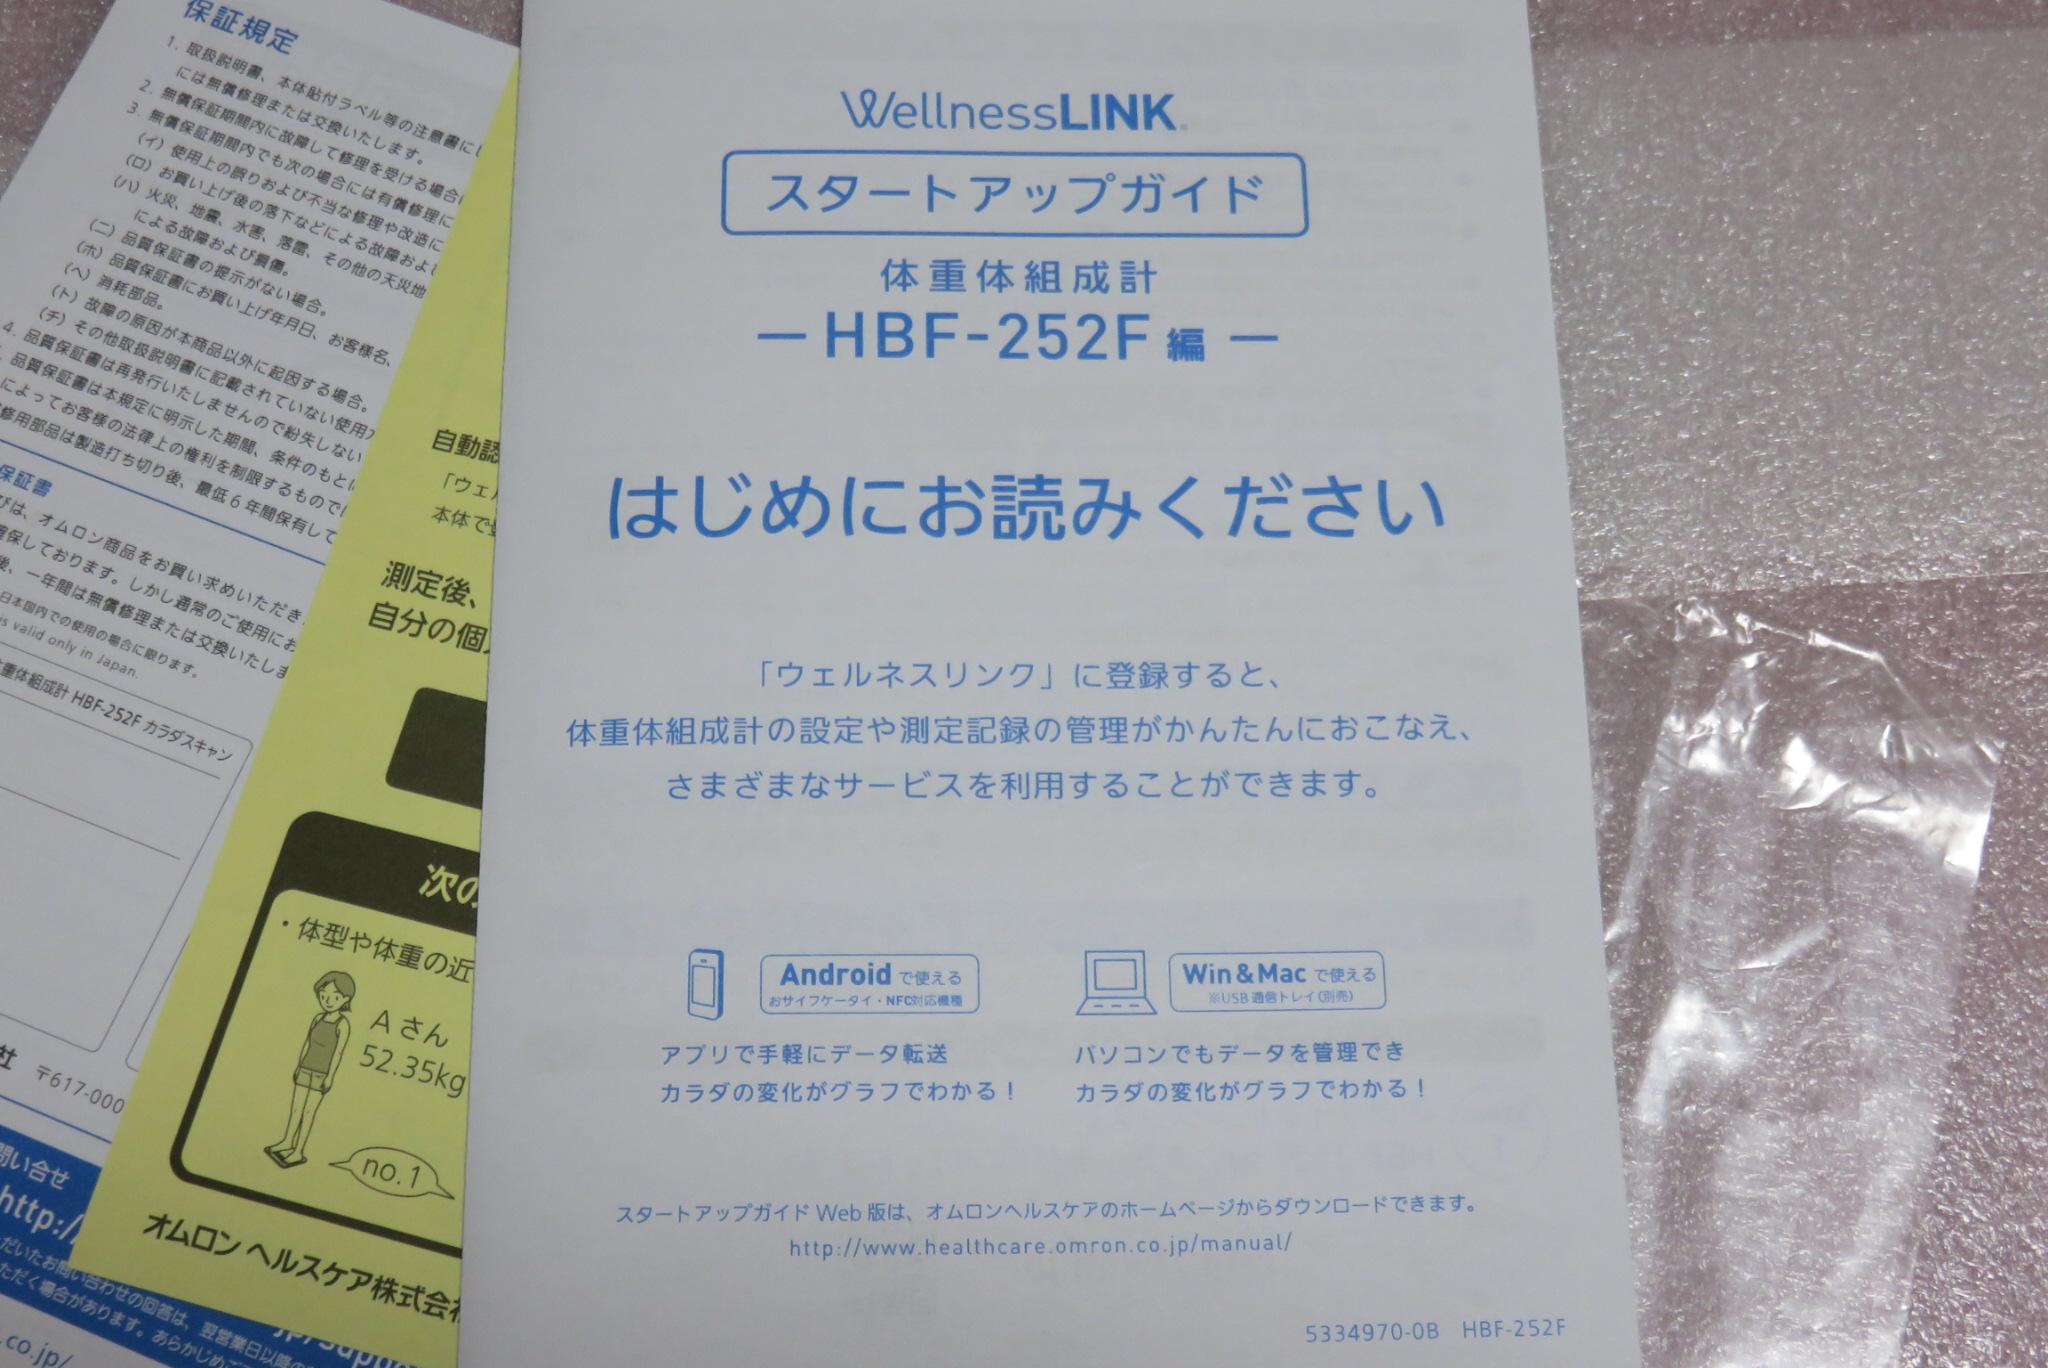 20151215190306.jpg